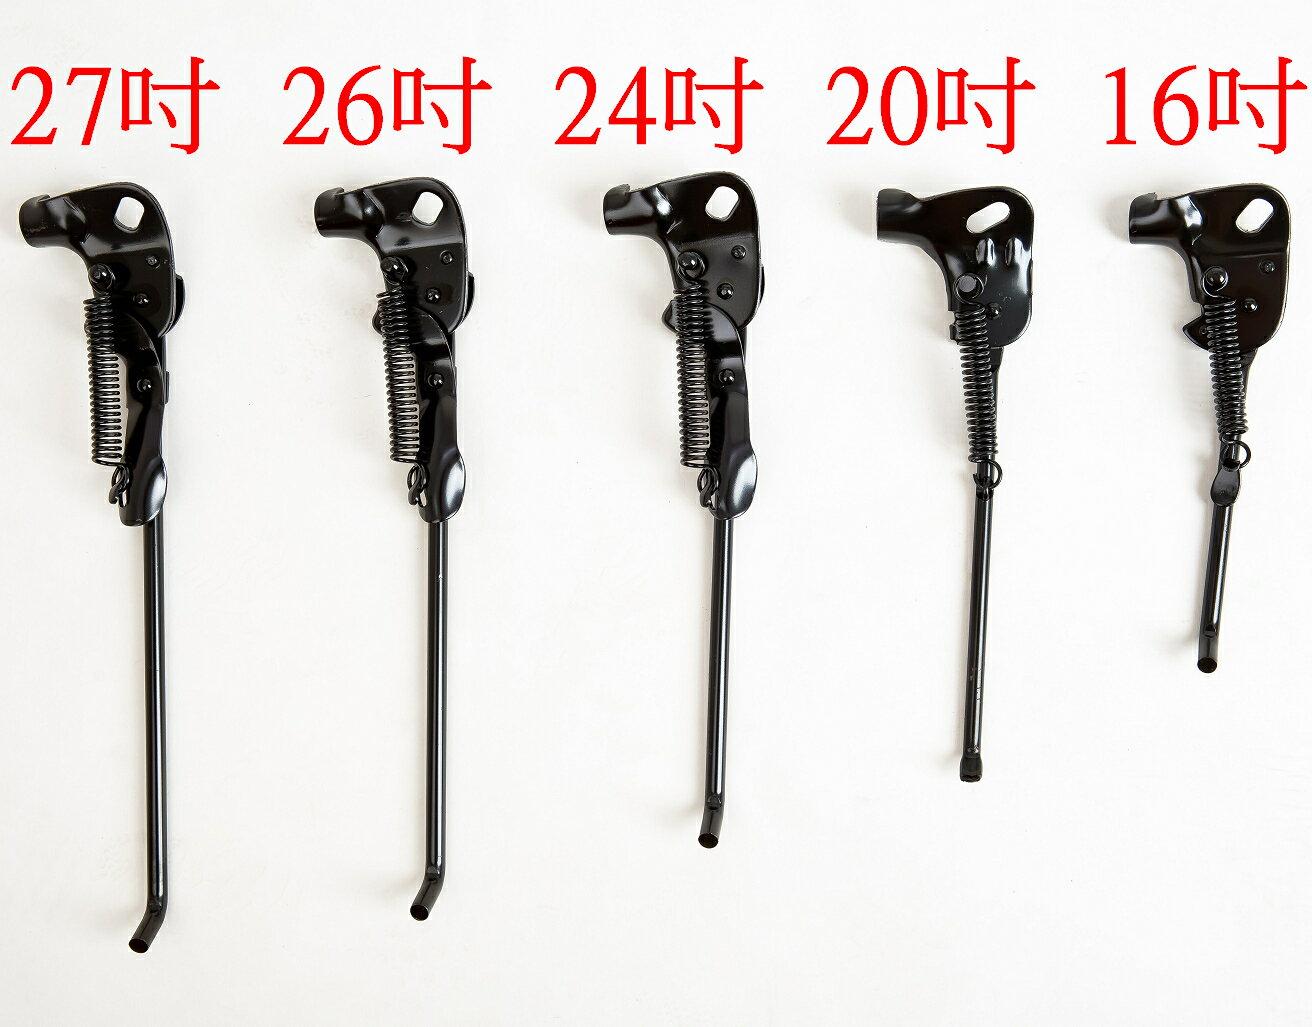 窄形 側腳架 27吋、26吋、24吋、20吋、16吋《意生自行車》